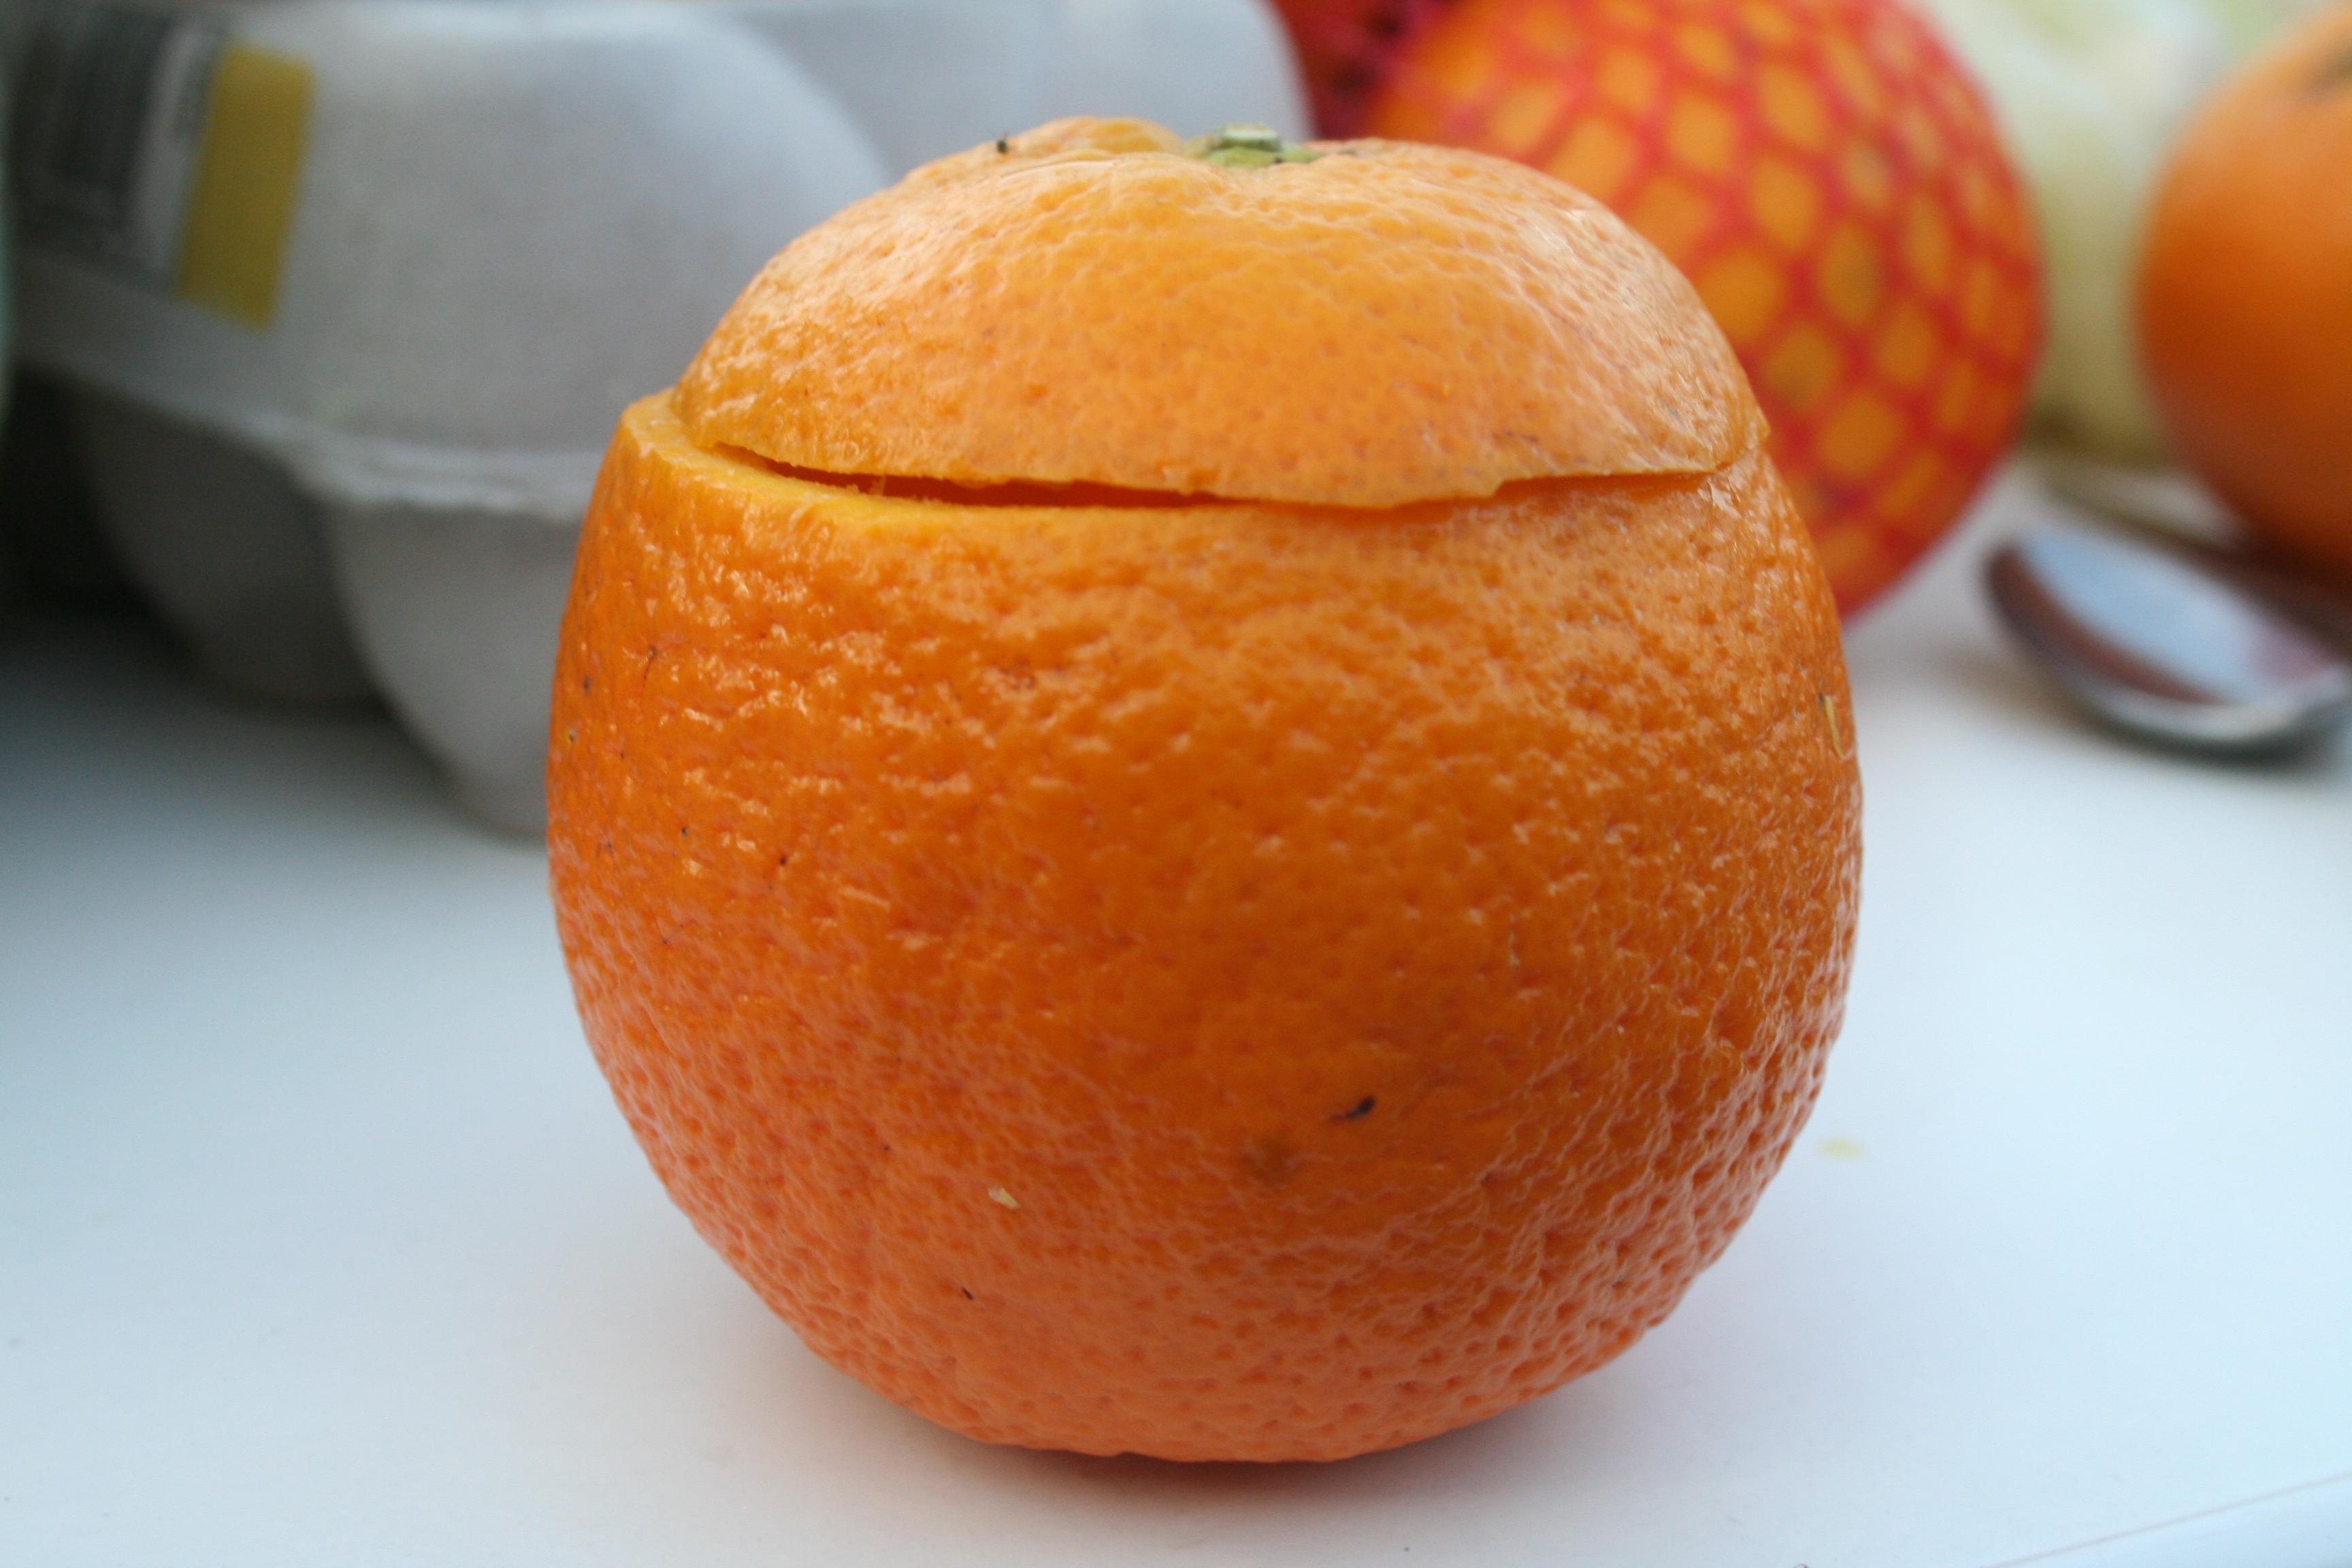 Picture of Preparing the Orange